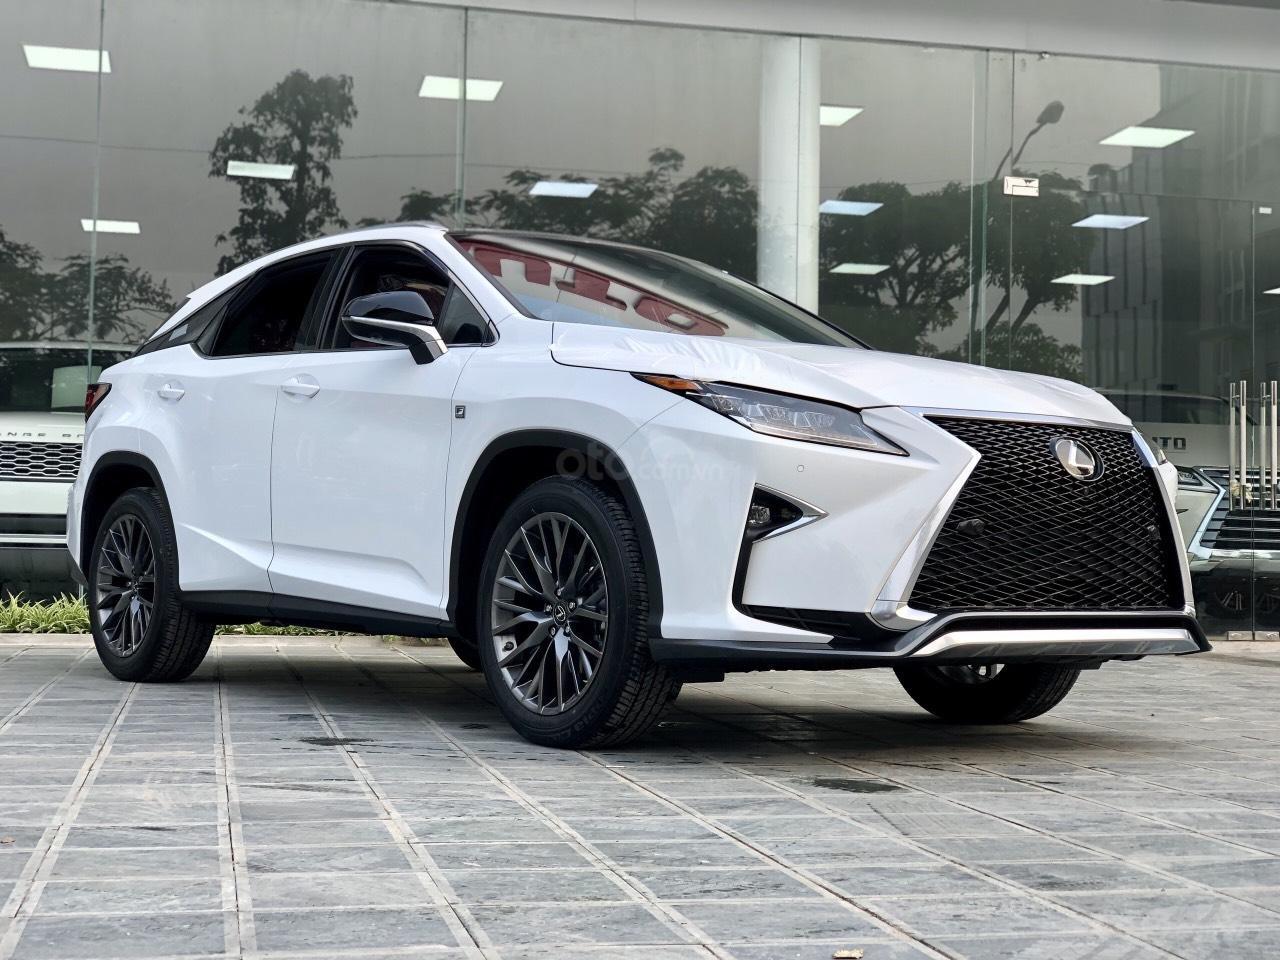 Bán Lexus RX Fsport sản xuất năm 2019, xe nhập Mỹ LH 0945.39.2468 Ms Hương (3)